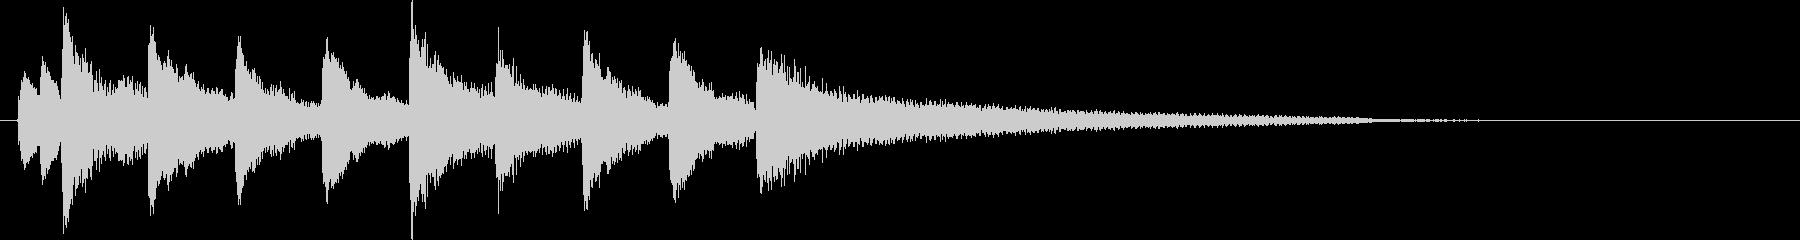 ピアノを使ったサウンドロゴの未再生の波形